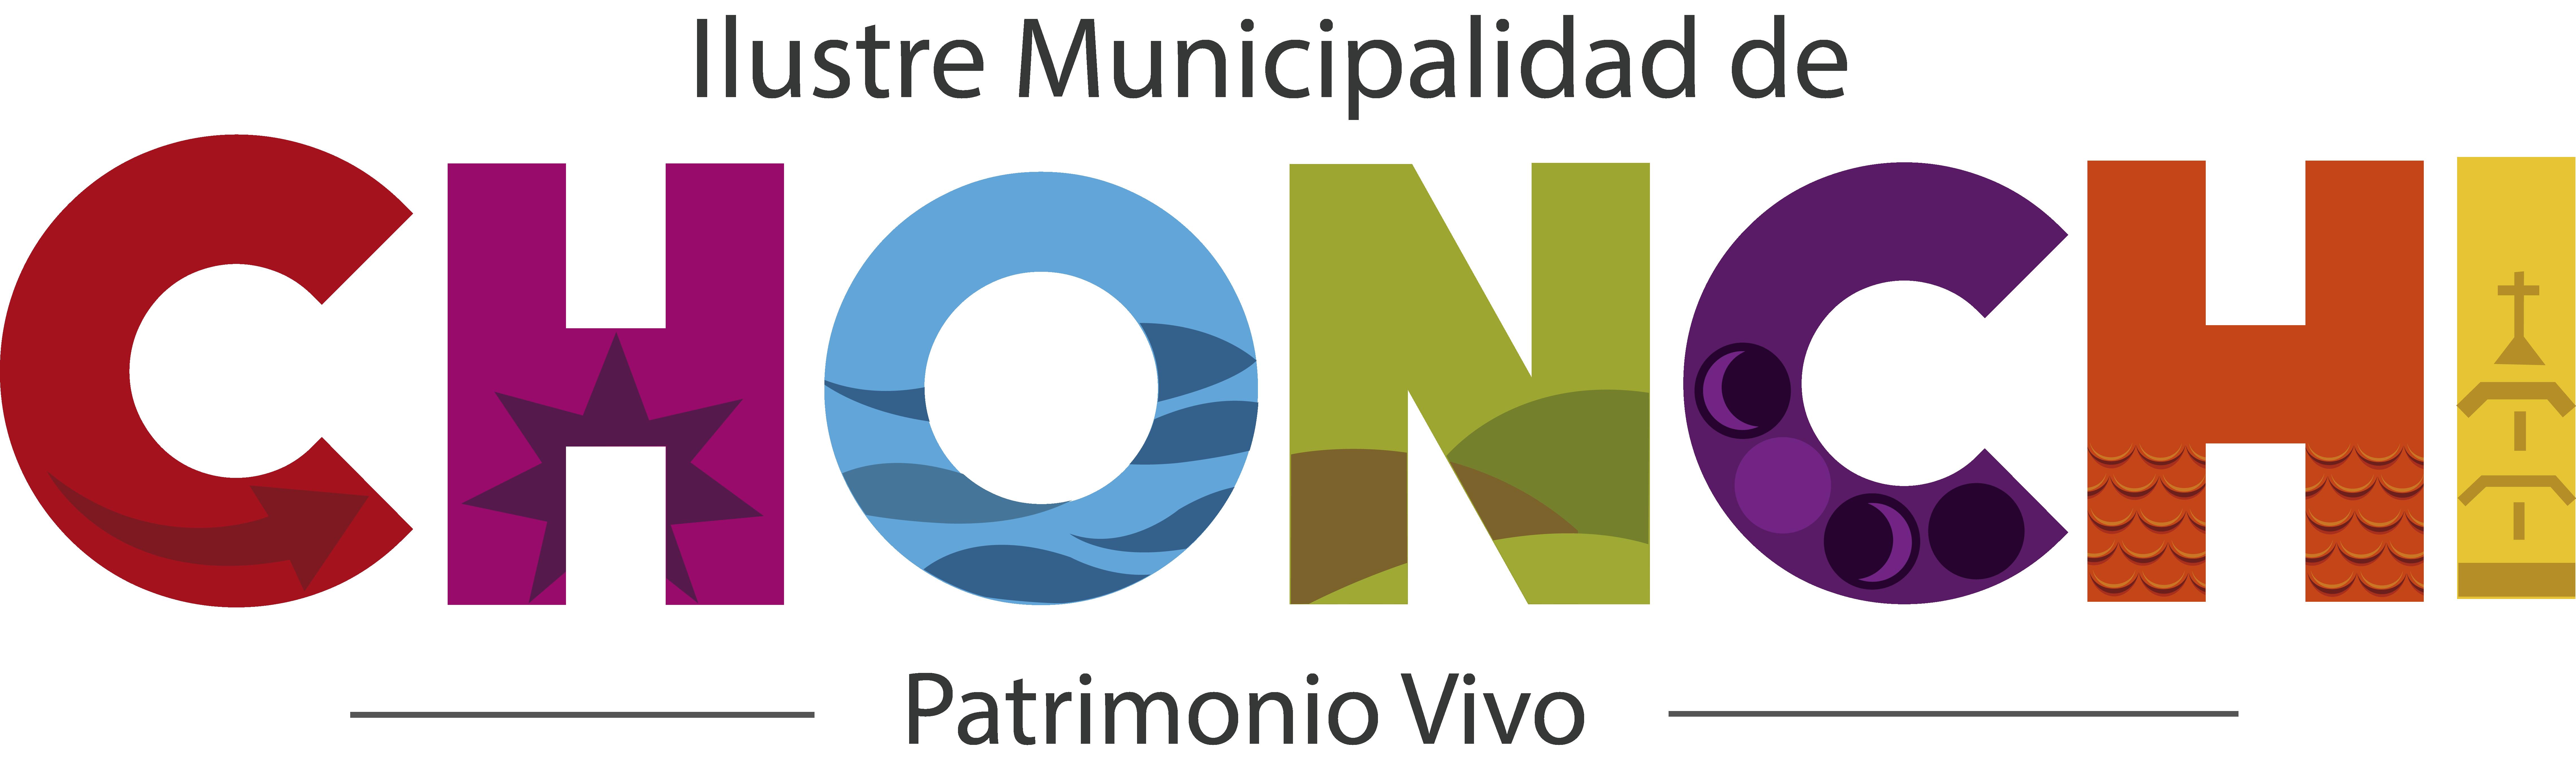 logo-chonchi